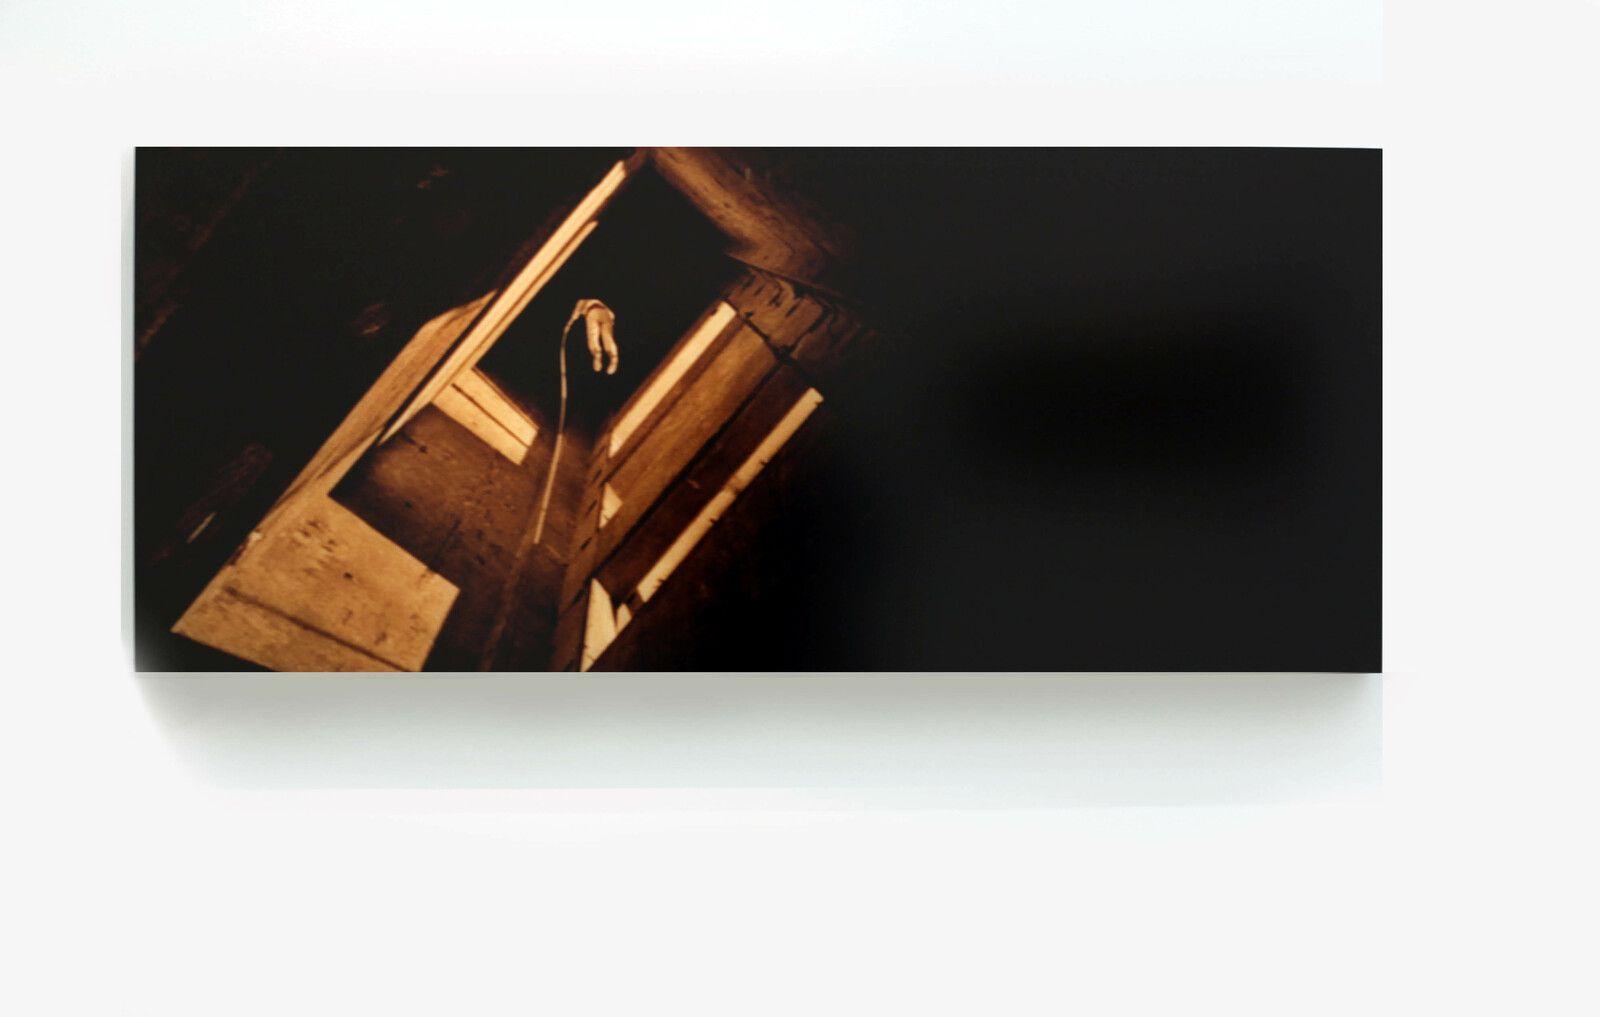 """""""The Element of crime, Archive"""", 1984 - 2021 de Lars VON TRIER - Courtesy de l'artiste et de la galerie Perrotin Paris © Photo Éric Simon"""